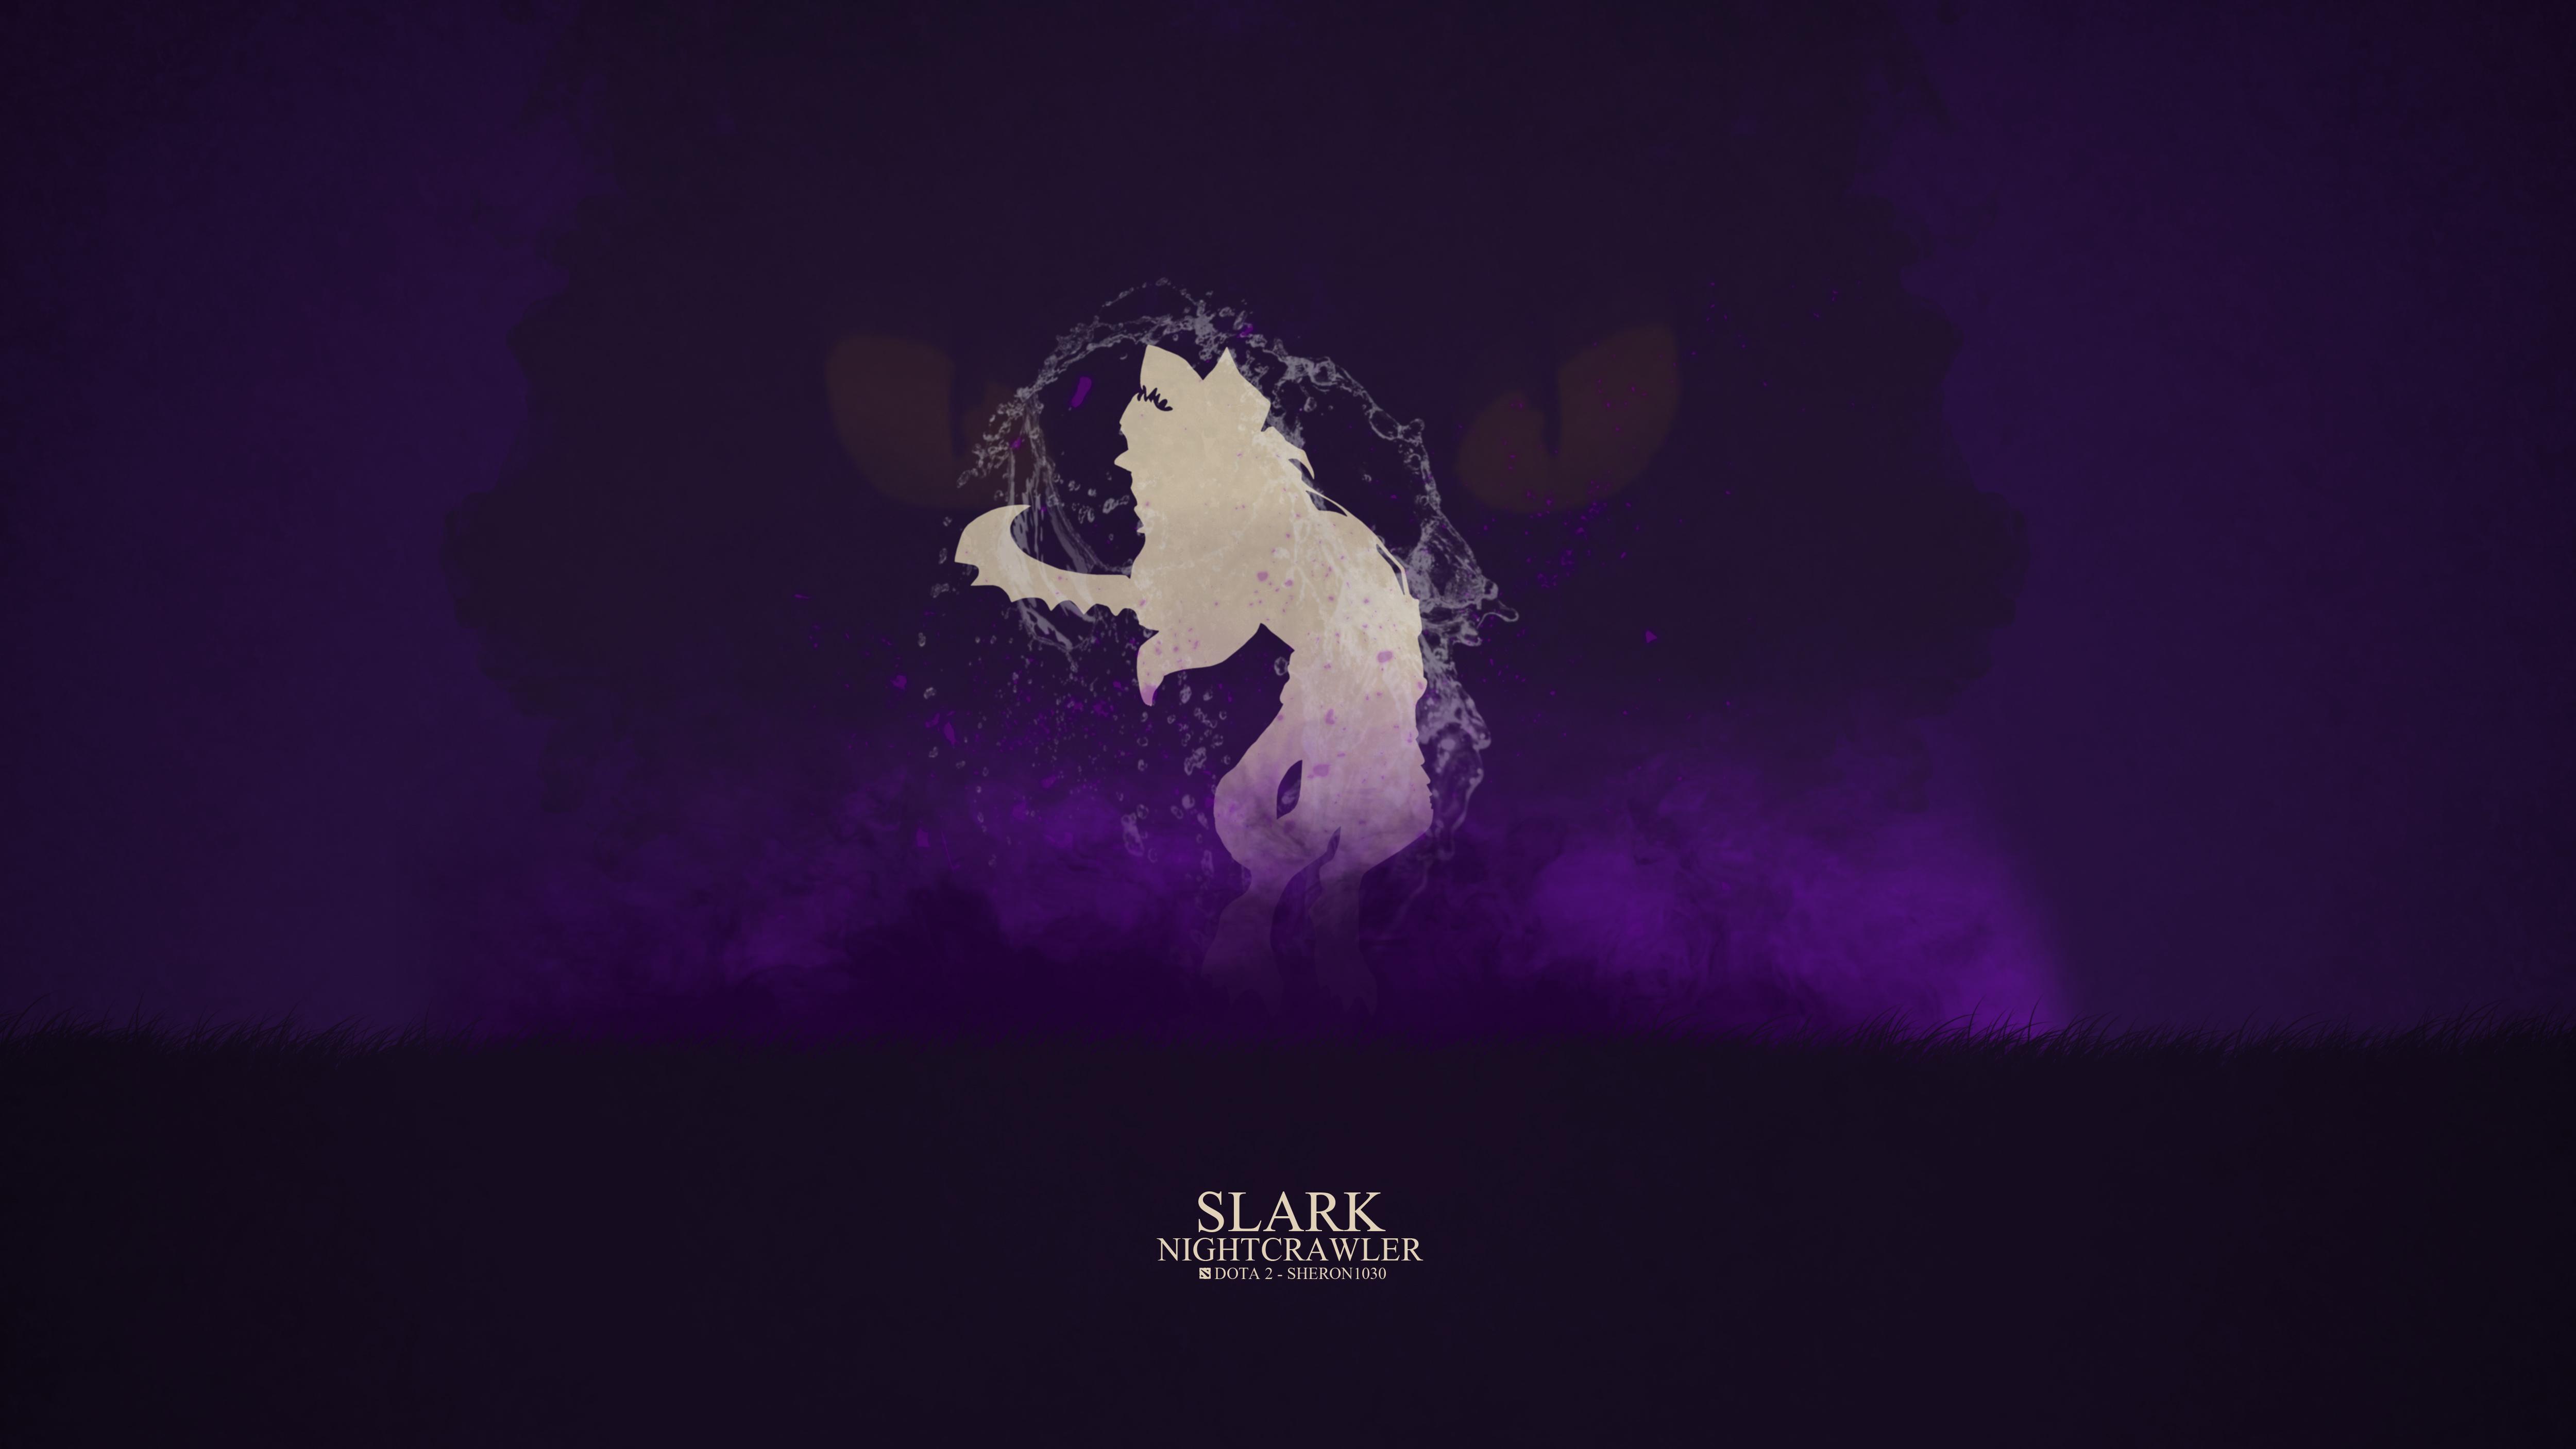 Night Stalker Dota 2 Wallpaper Dota 2 - Slark by sher...